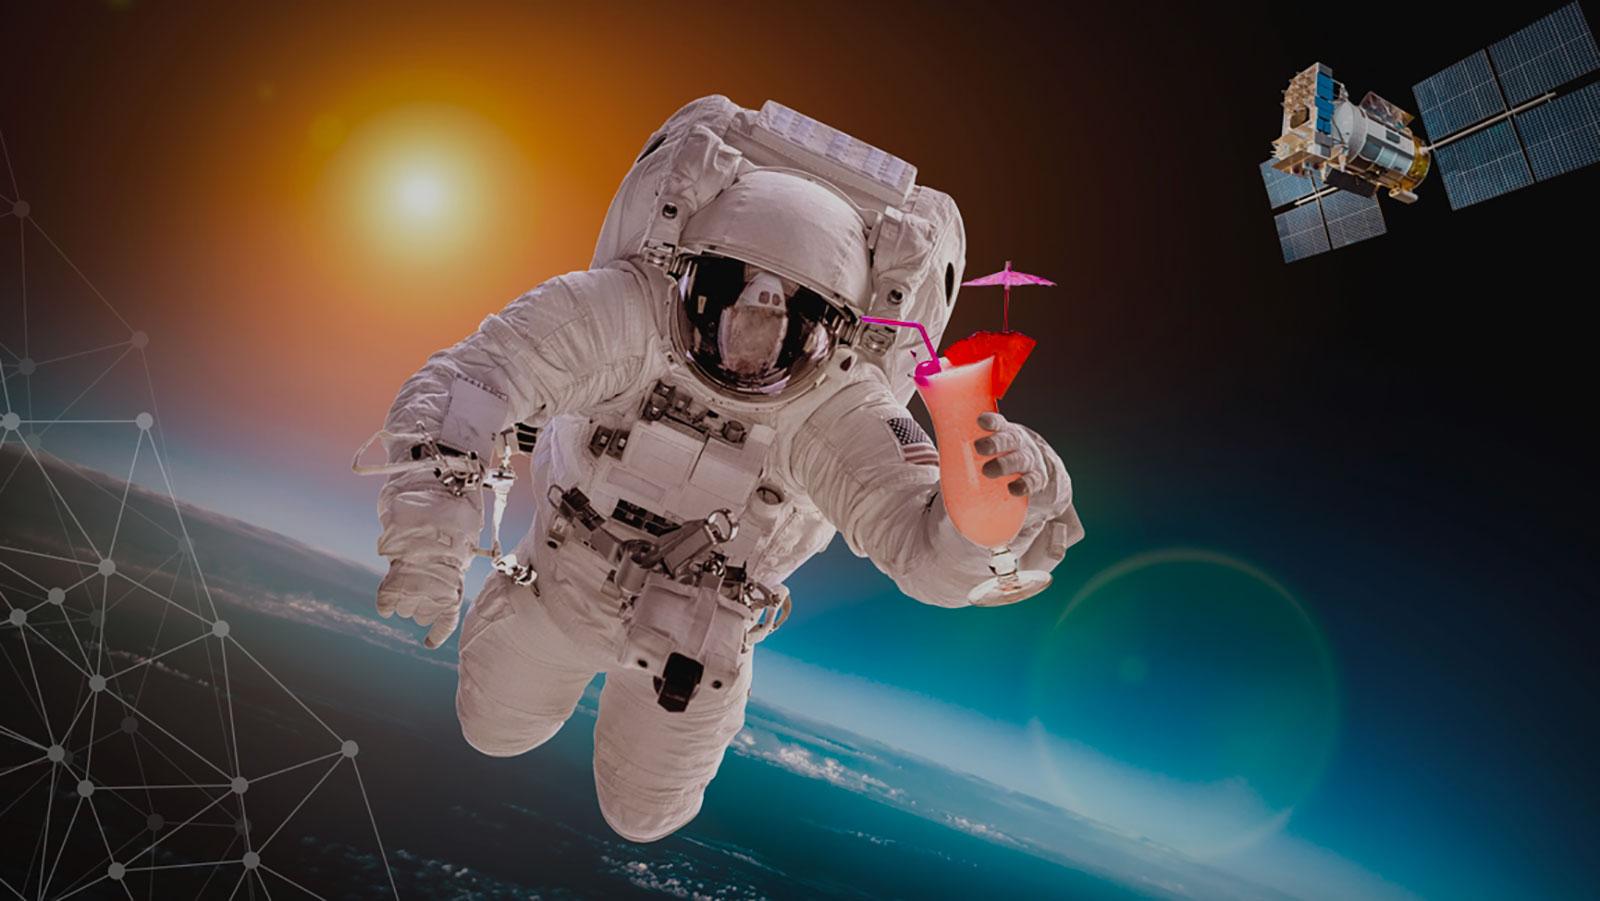 Comment préparer ses vacances dans l'espace de 2030